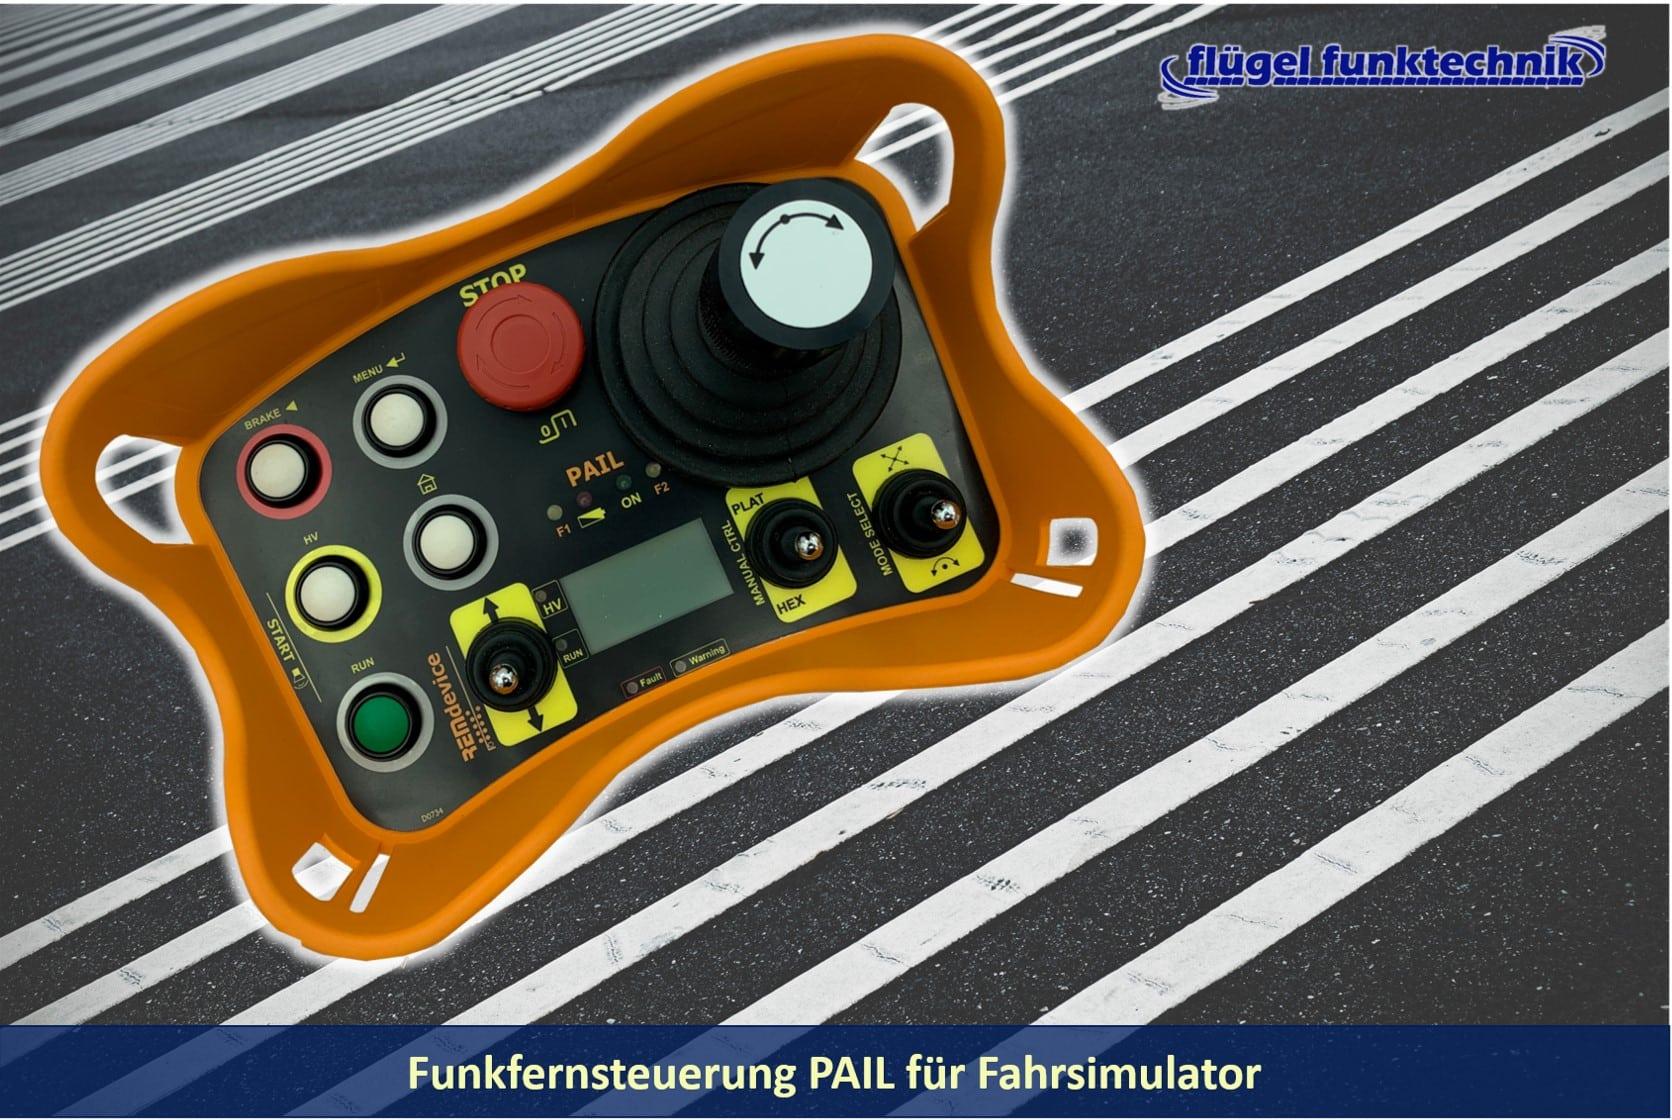 Funkfernsteuerung Serie PAIL für Fahrsimulator